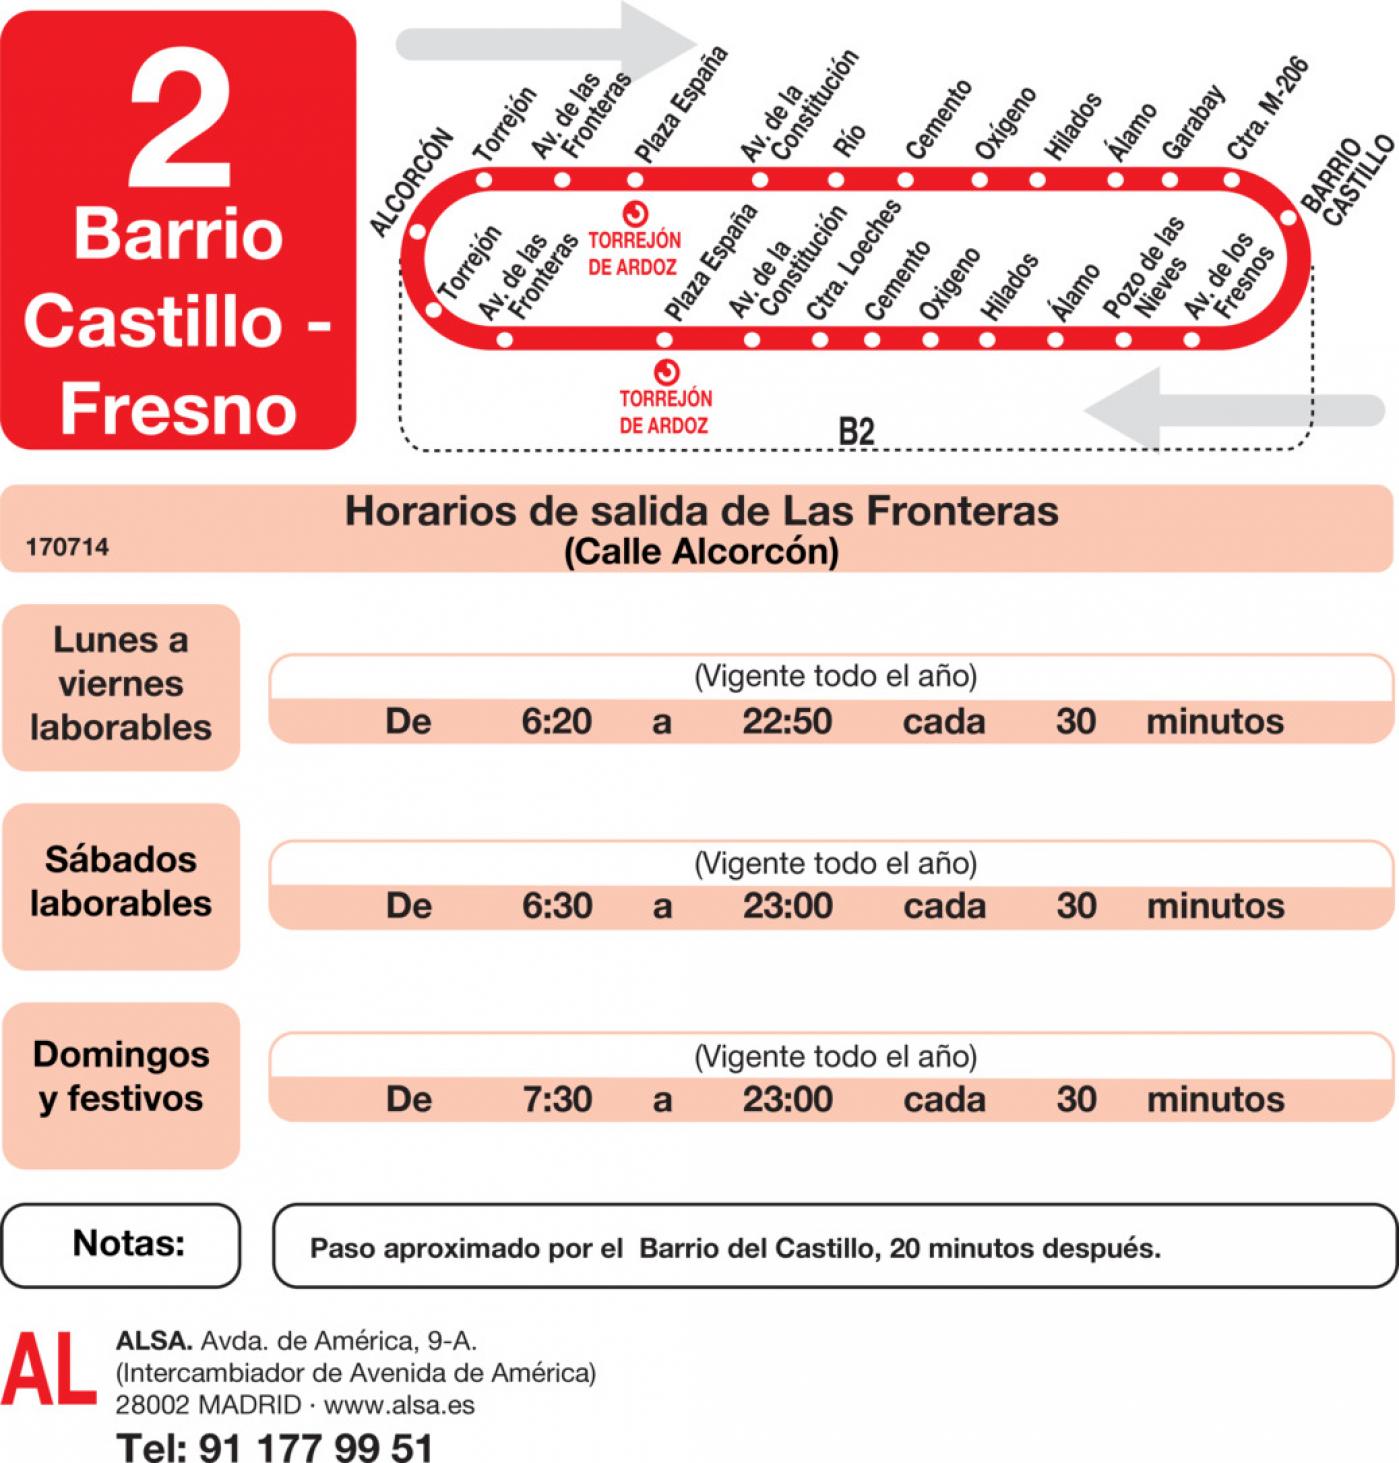 Tabla de horarios y frecuencias de paso en sentido ida Línea L-2 Torrejón de Ardoz: Fronteras - Barrio del Castillo - Fresno